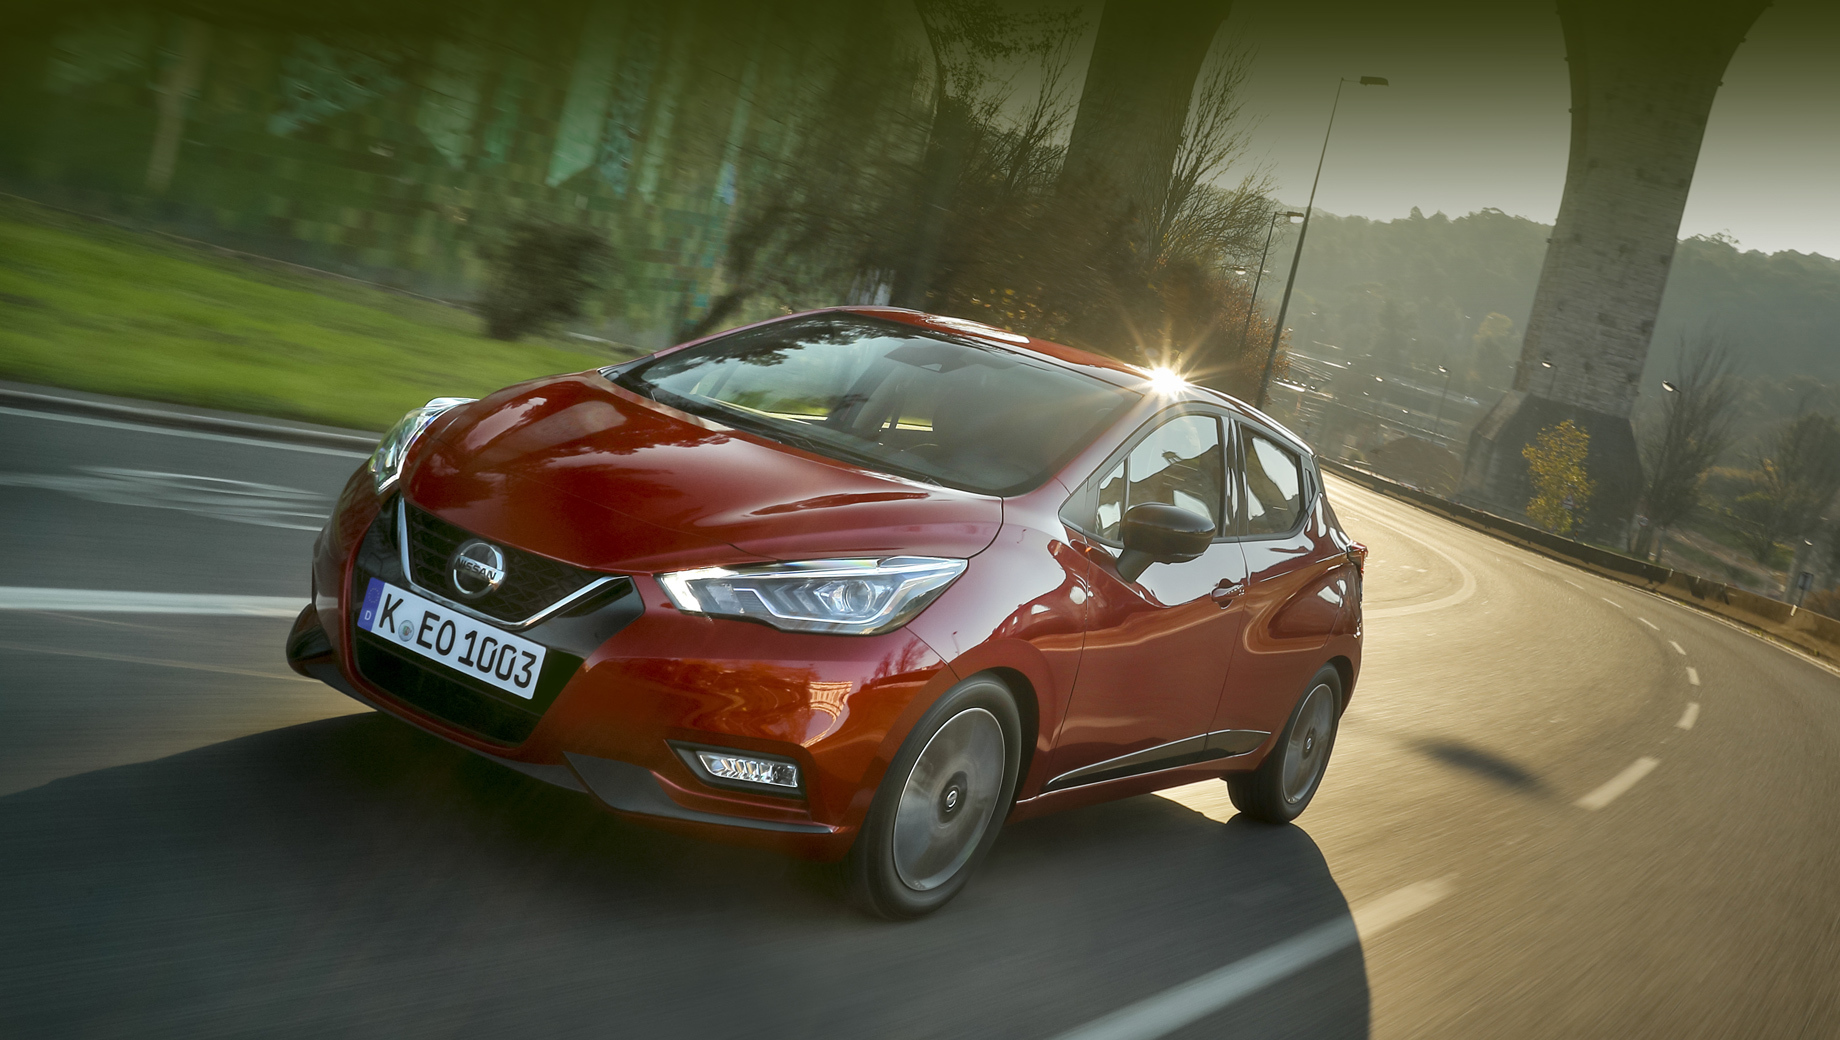 Nissan micra. Нынешняя Micra пребывает в пятом поколении (на конвейере с декабря 2016 года) и полагается на несколько разных литровых бензиновых моторов (71–117 л.с.) и 90-сильный дизель 1.5. Машину собирает завод Renault в муниципалитете Флен-сюр-Сен (Франция).